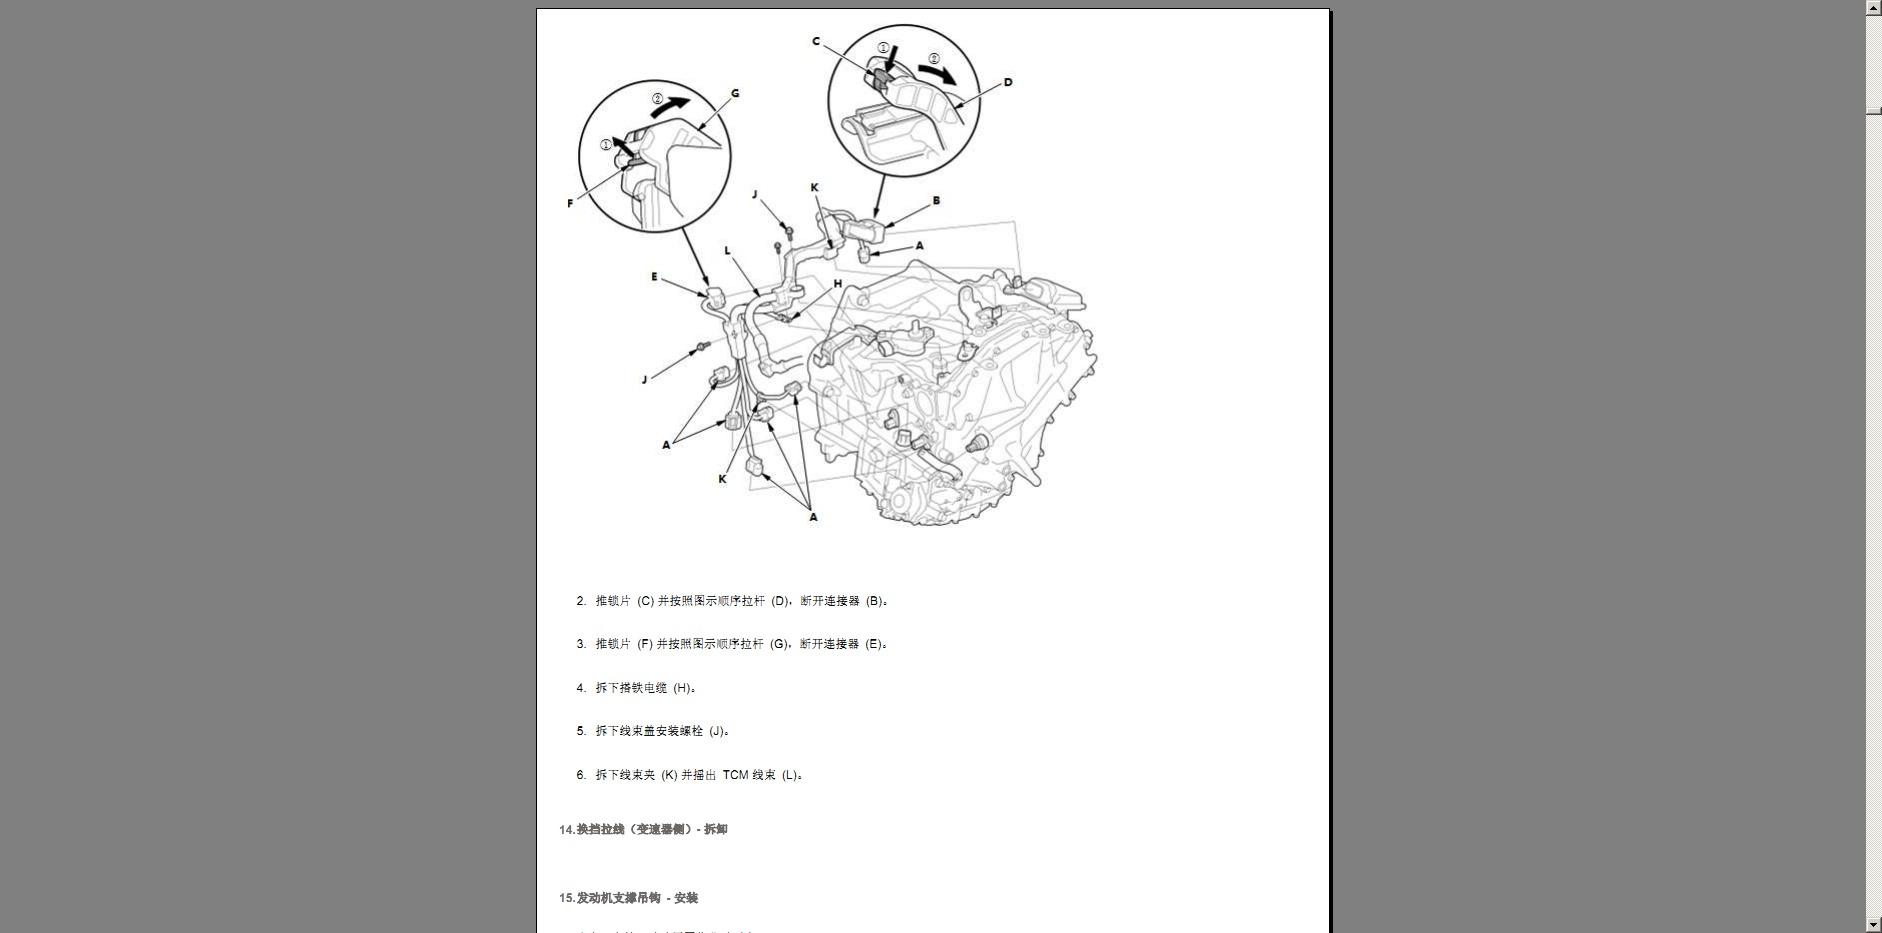 2017款思域变速箱维修手册(1)